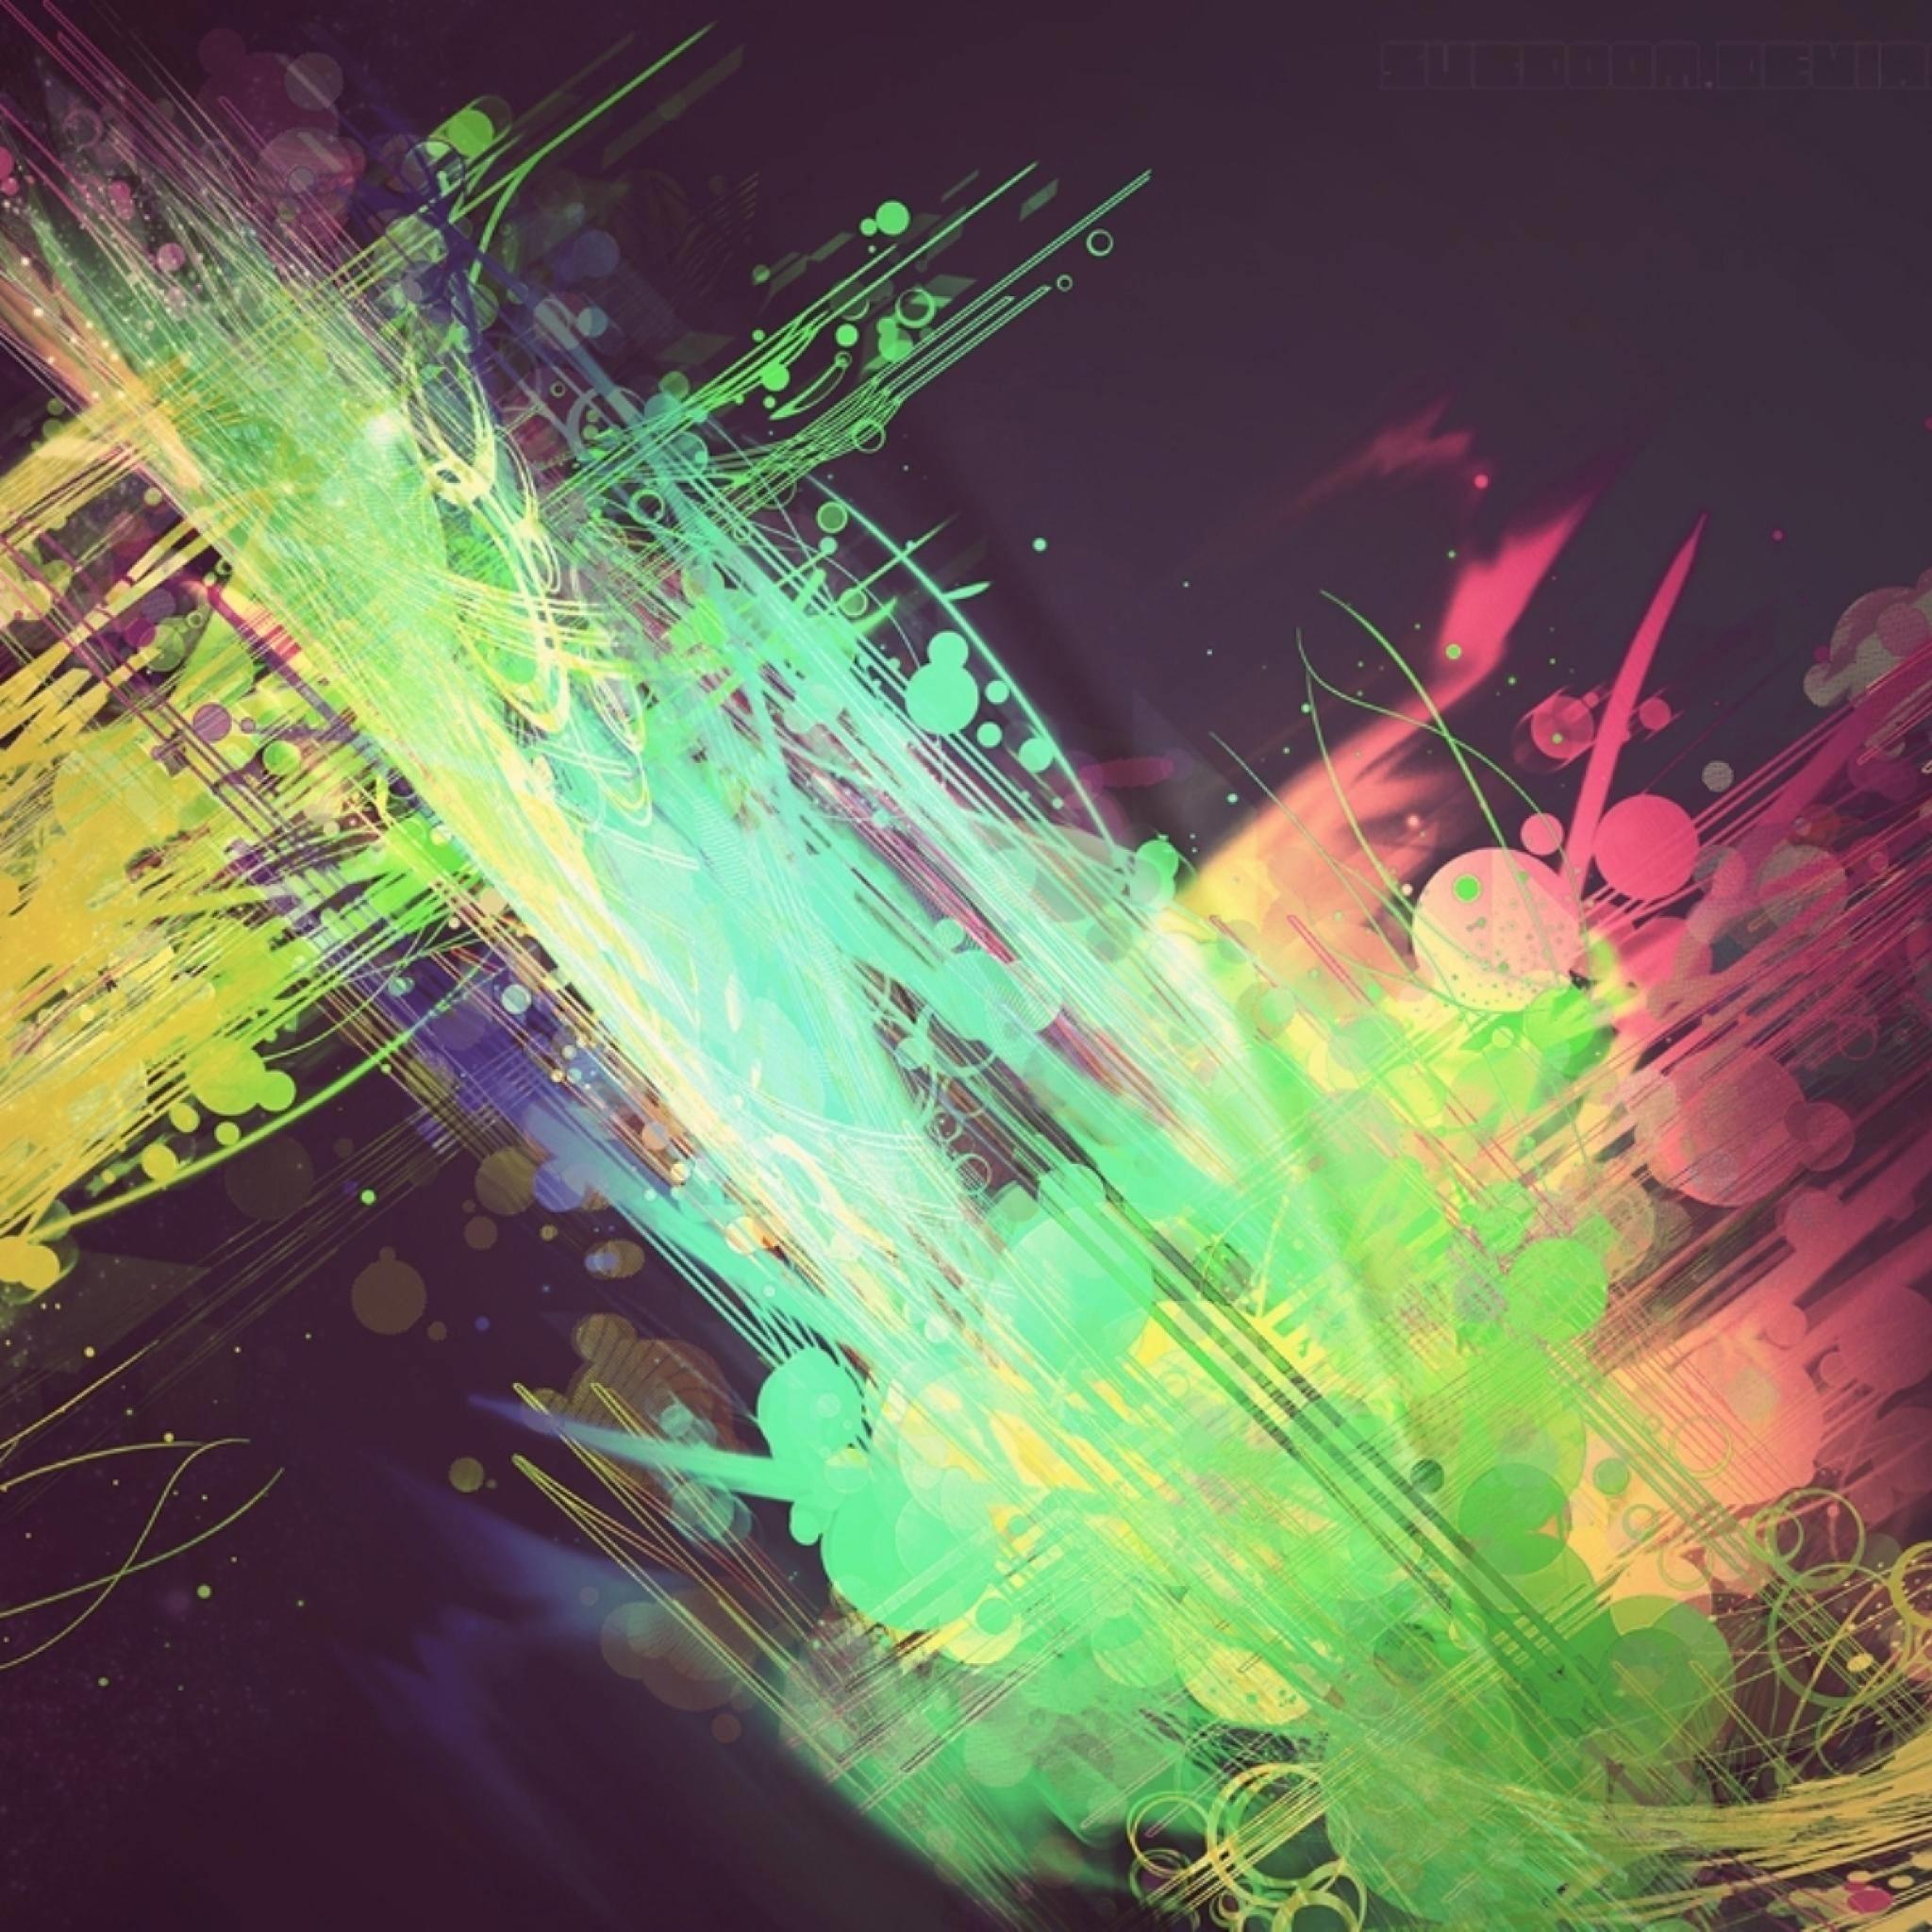 Res: 2048x2048, Color Splash iPad Wallpaper HD IPad Retina Wallpapers Ipad Air .